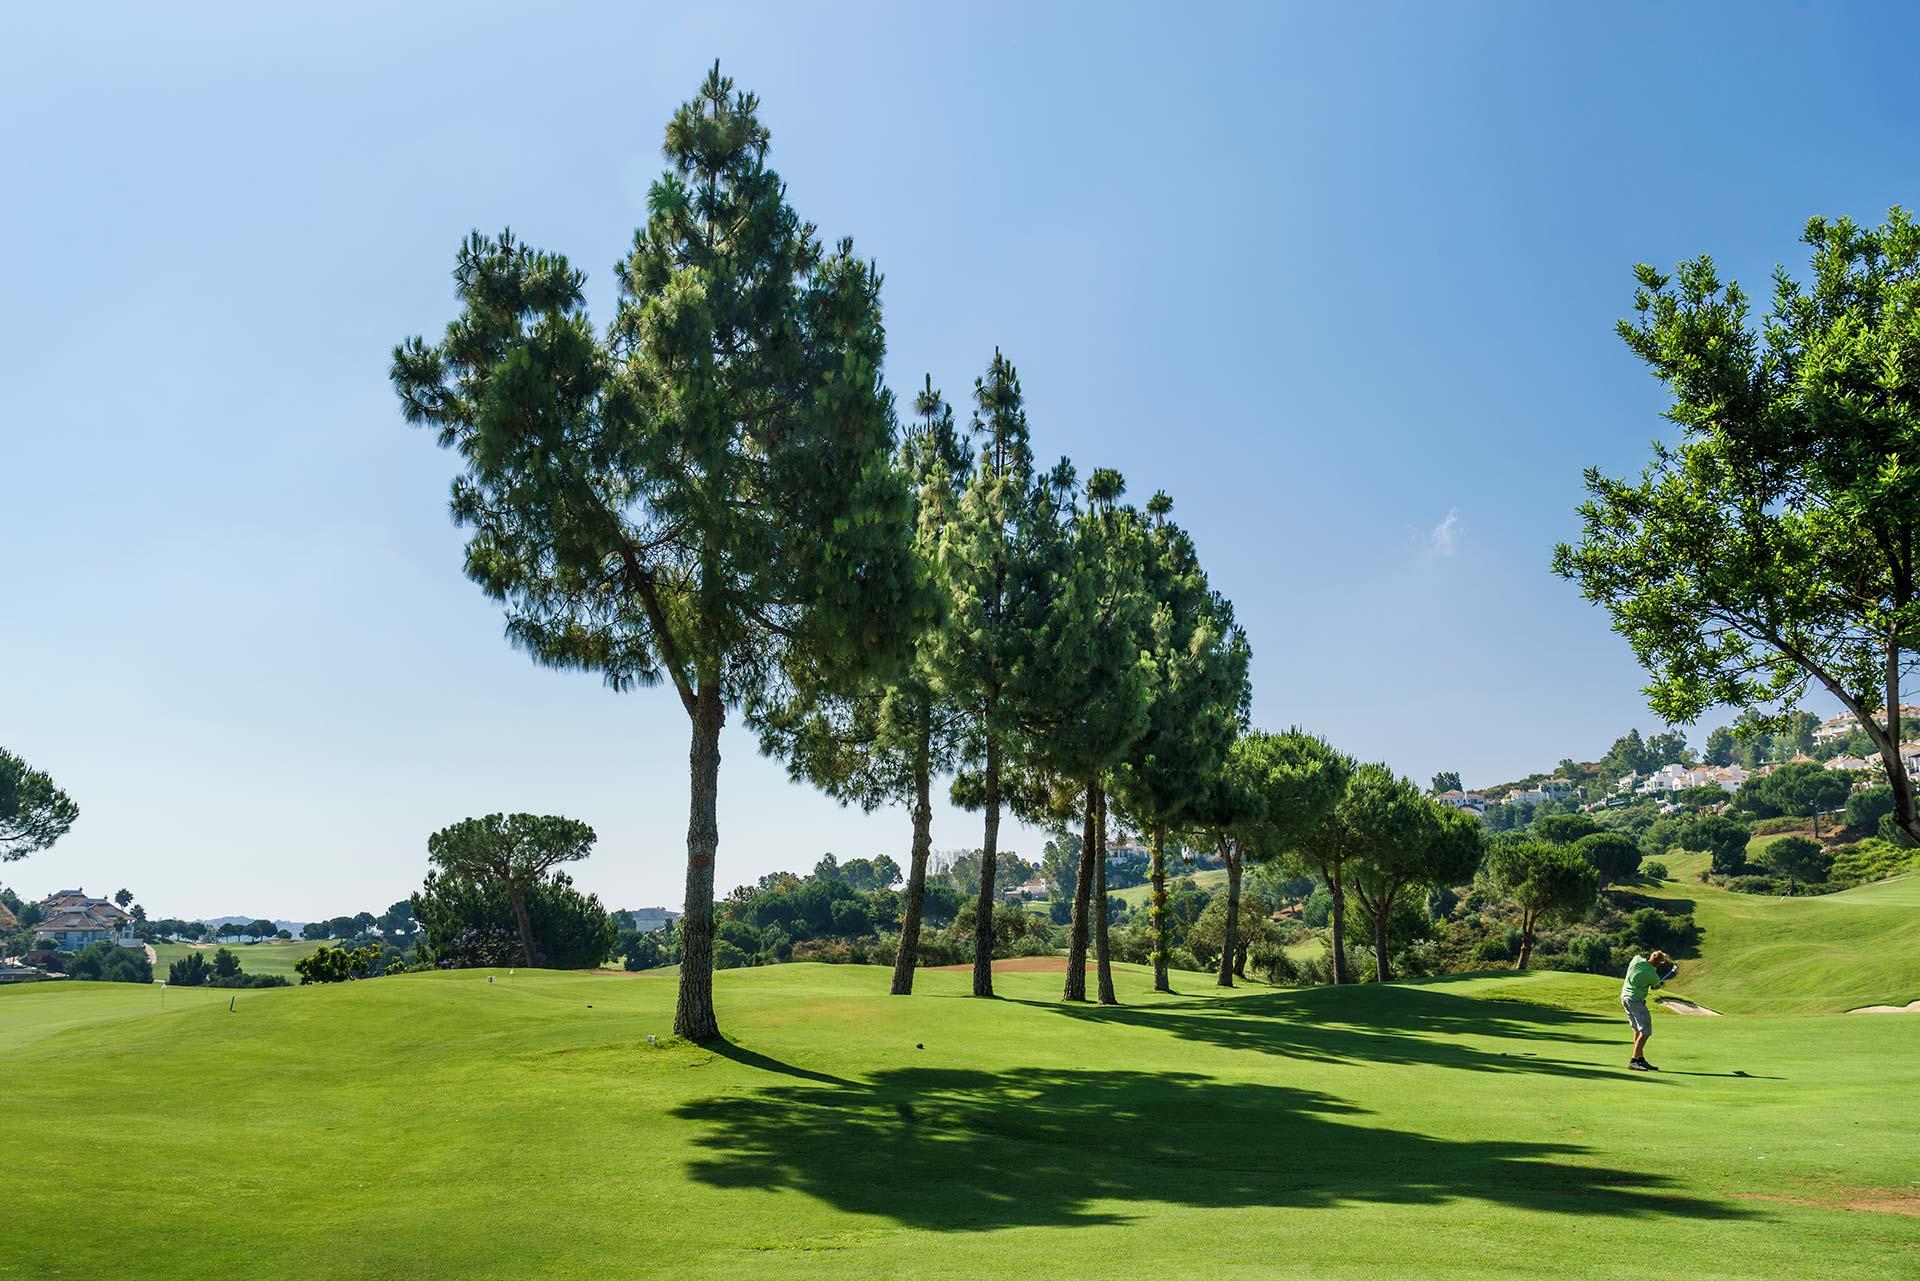 Недвижимость у гольф поля в г. Марбелья